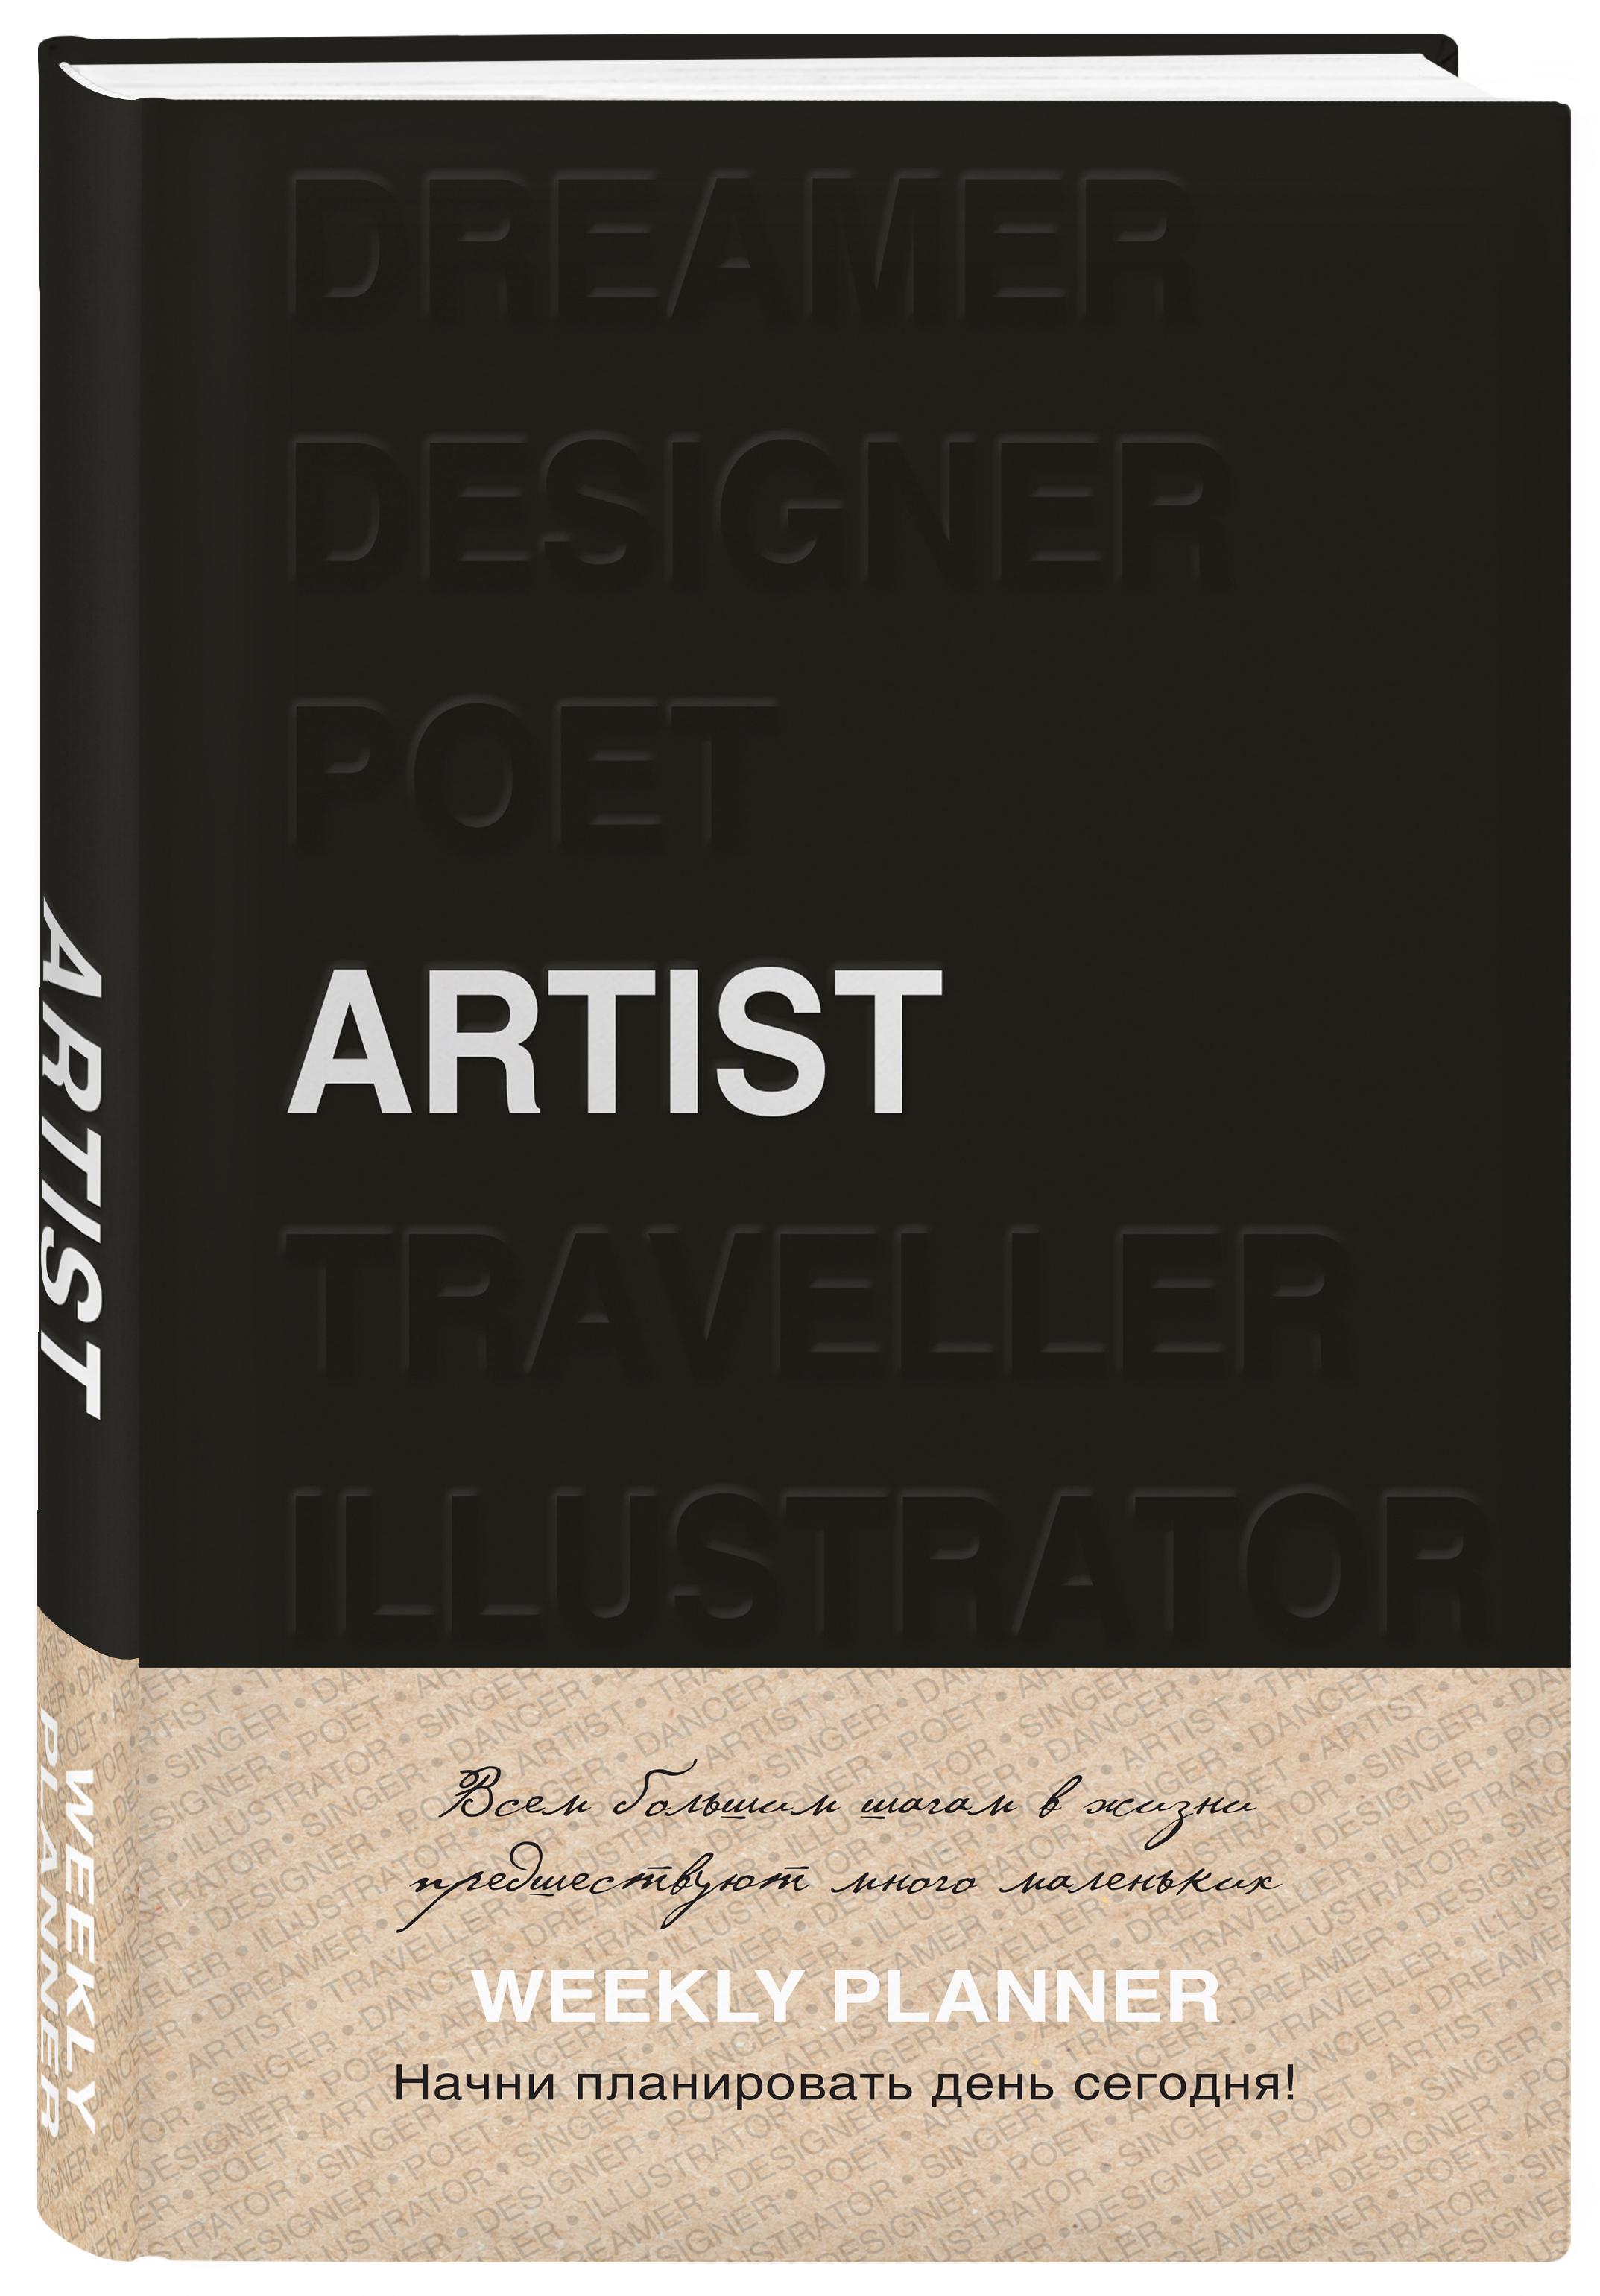 Ежедневник Artist (черный). А5, твердый переплет, блинтовое тиснение, полусупер, 224 стр.